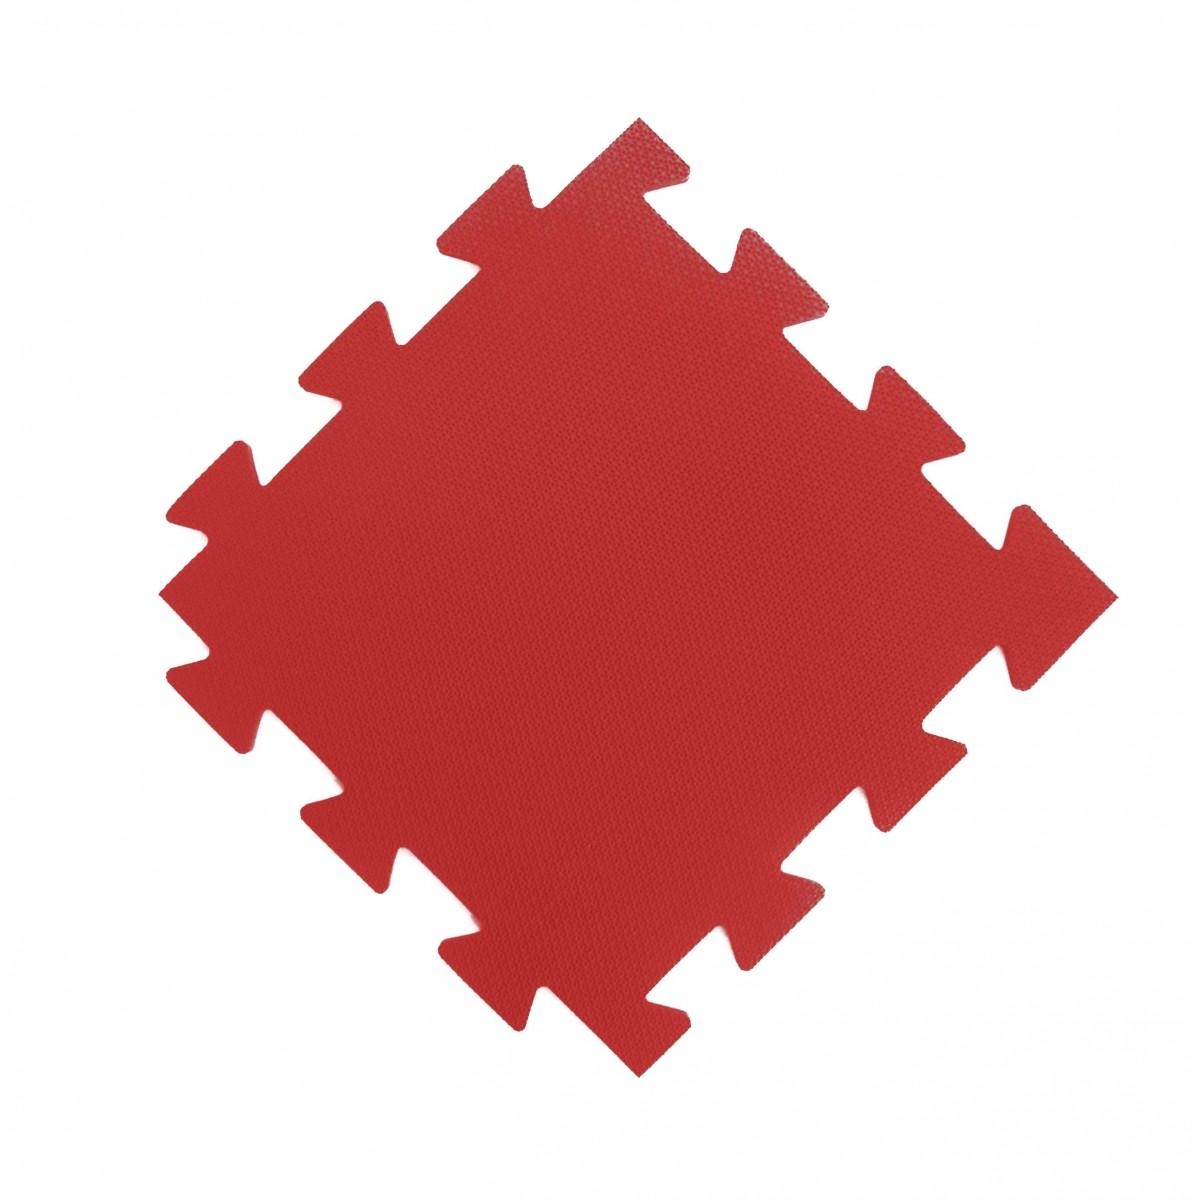 Tatames 50x50cm Com 10mm de Espessura   Vermelho  - Brindes Visão loja